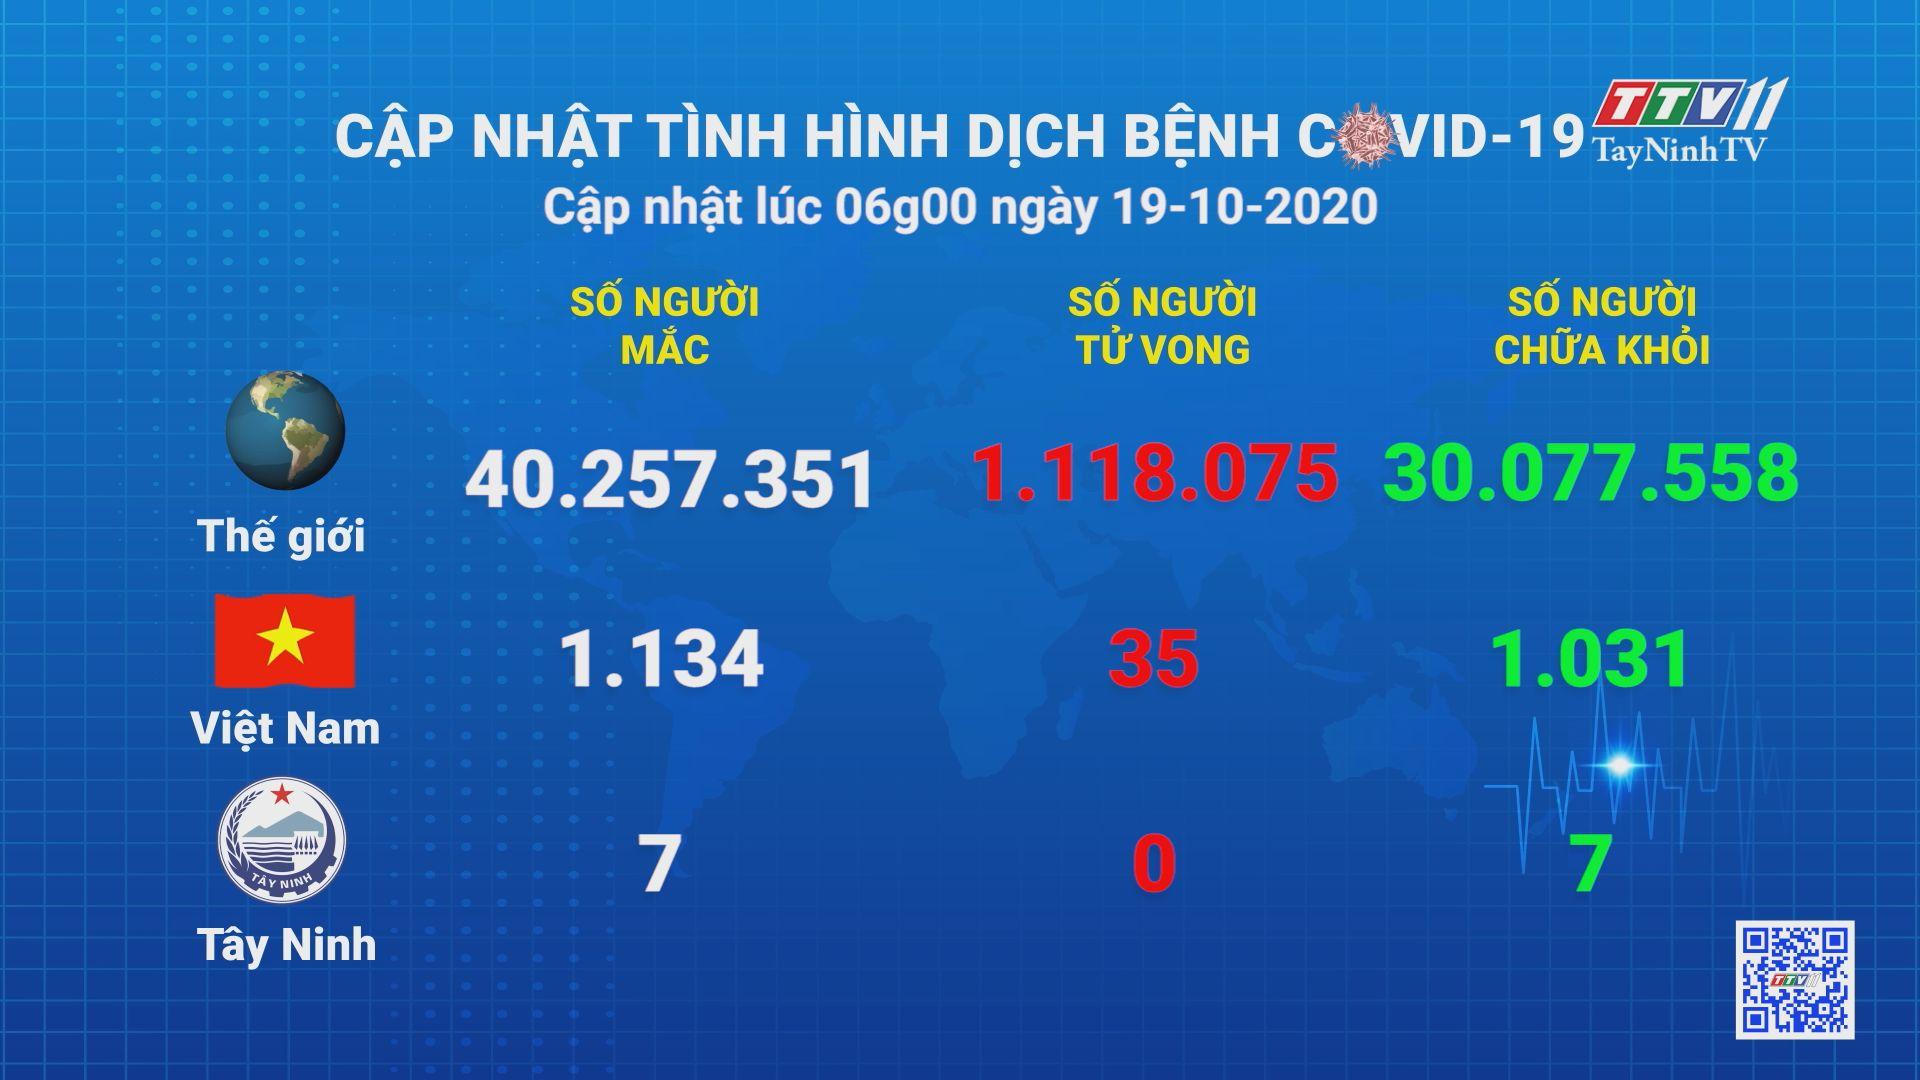 Cập nhật tình hình Covid-19 vào lúc 06 giờ 19-10-2020 | Thông tin dịch Covid-19 | TayNinhTV